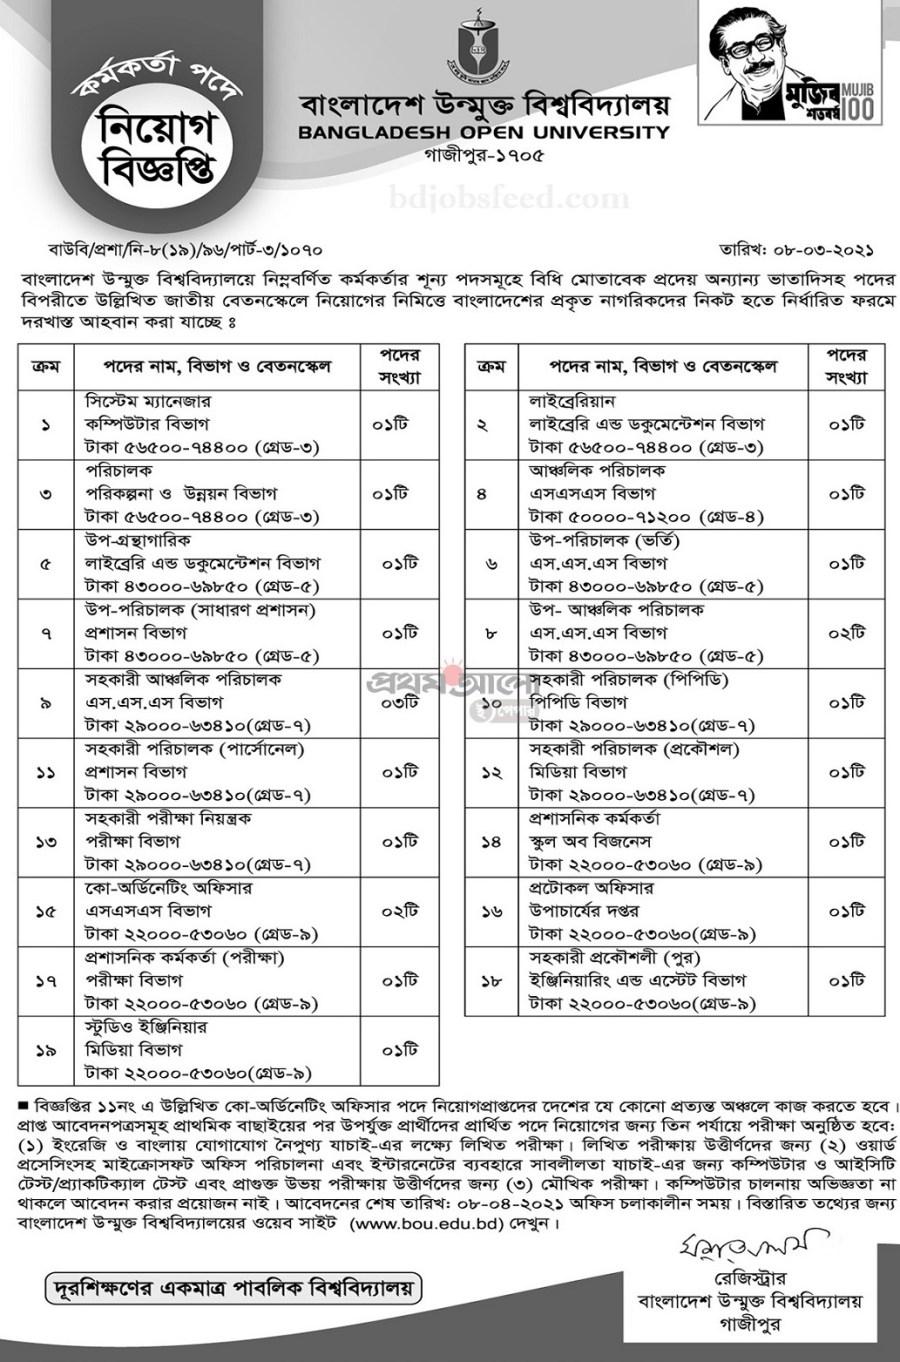 Bangladesh Open University (BOU) Job Circular April 2021